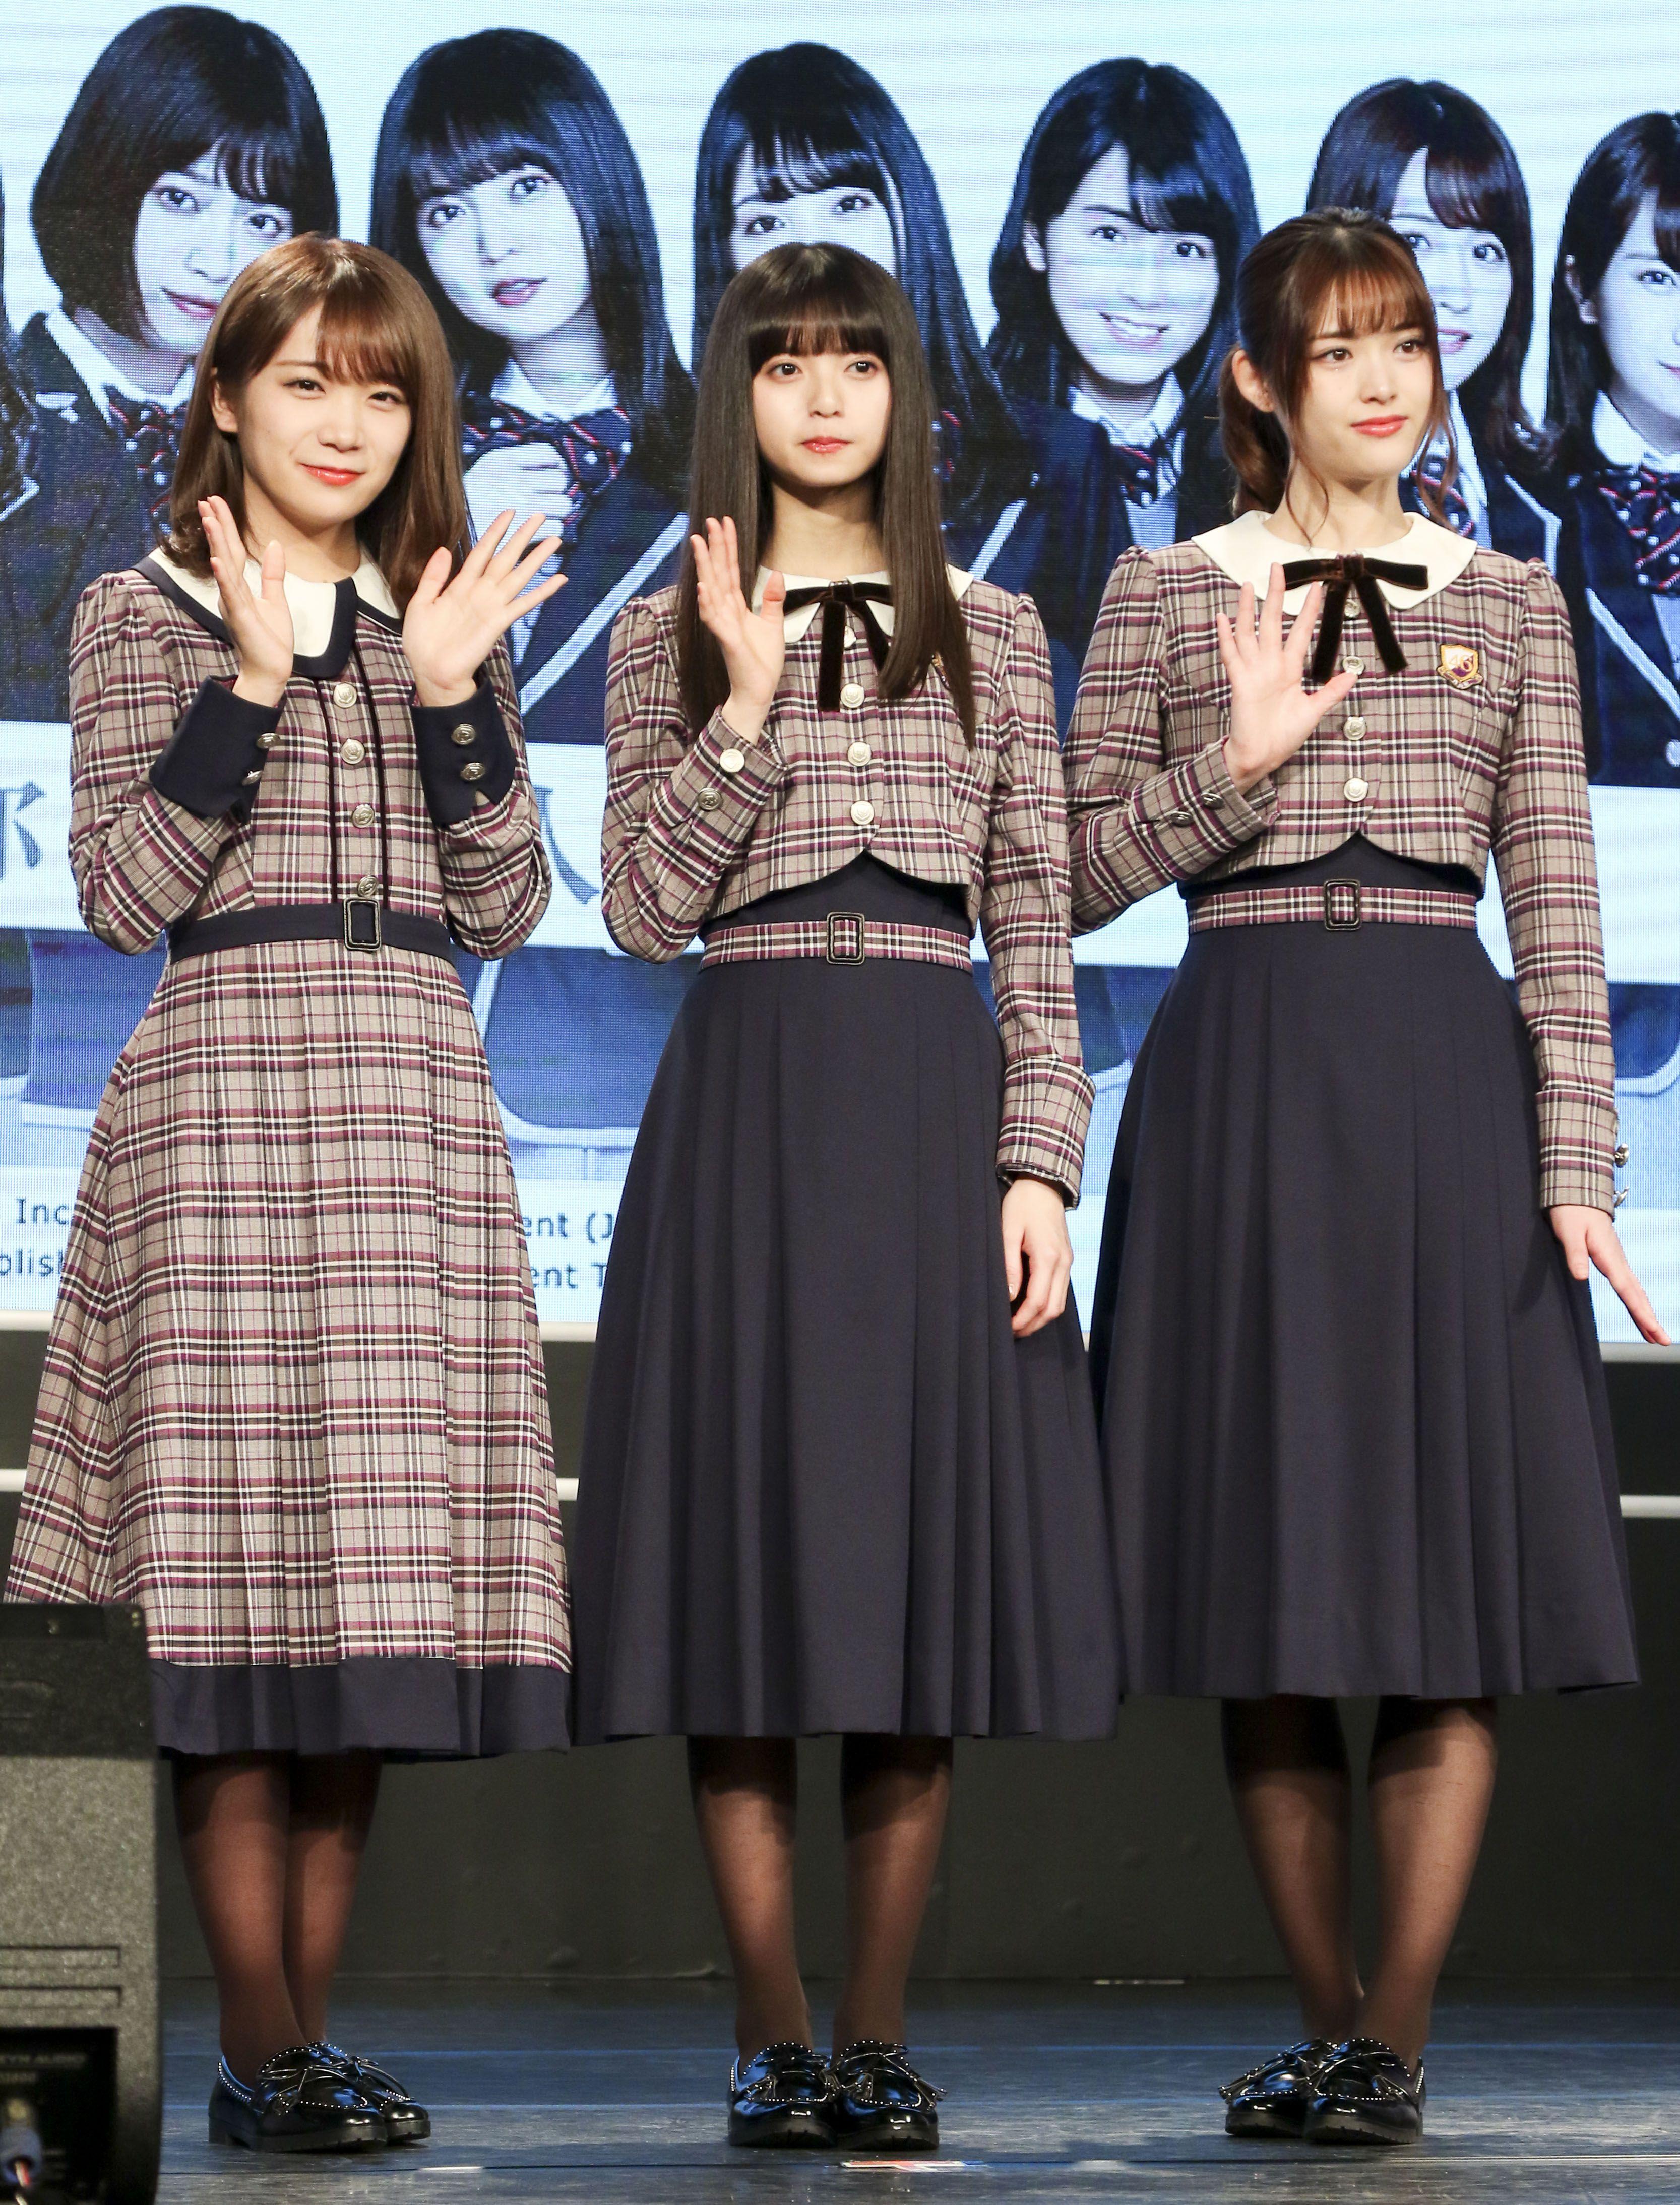 日本女團「乃木坂46」成員秋元真夏、齋藤飛鳥、松村沙友理跨海來台宣傳代言手遊。(記者林士傑/攝影)